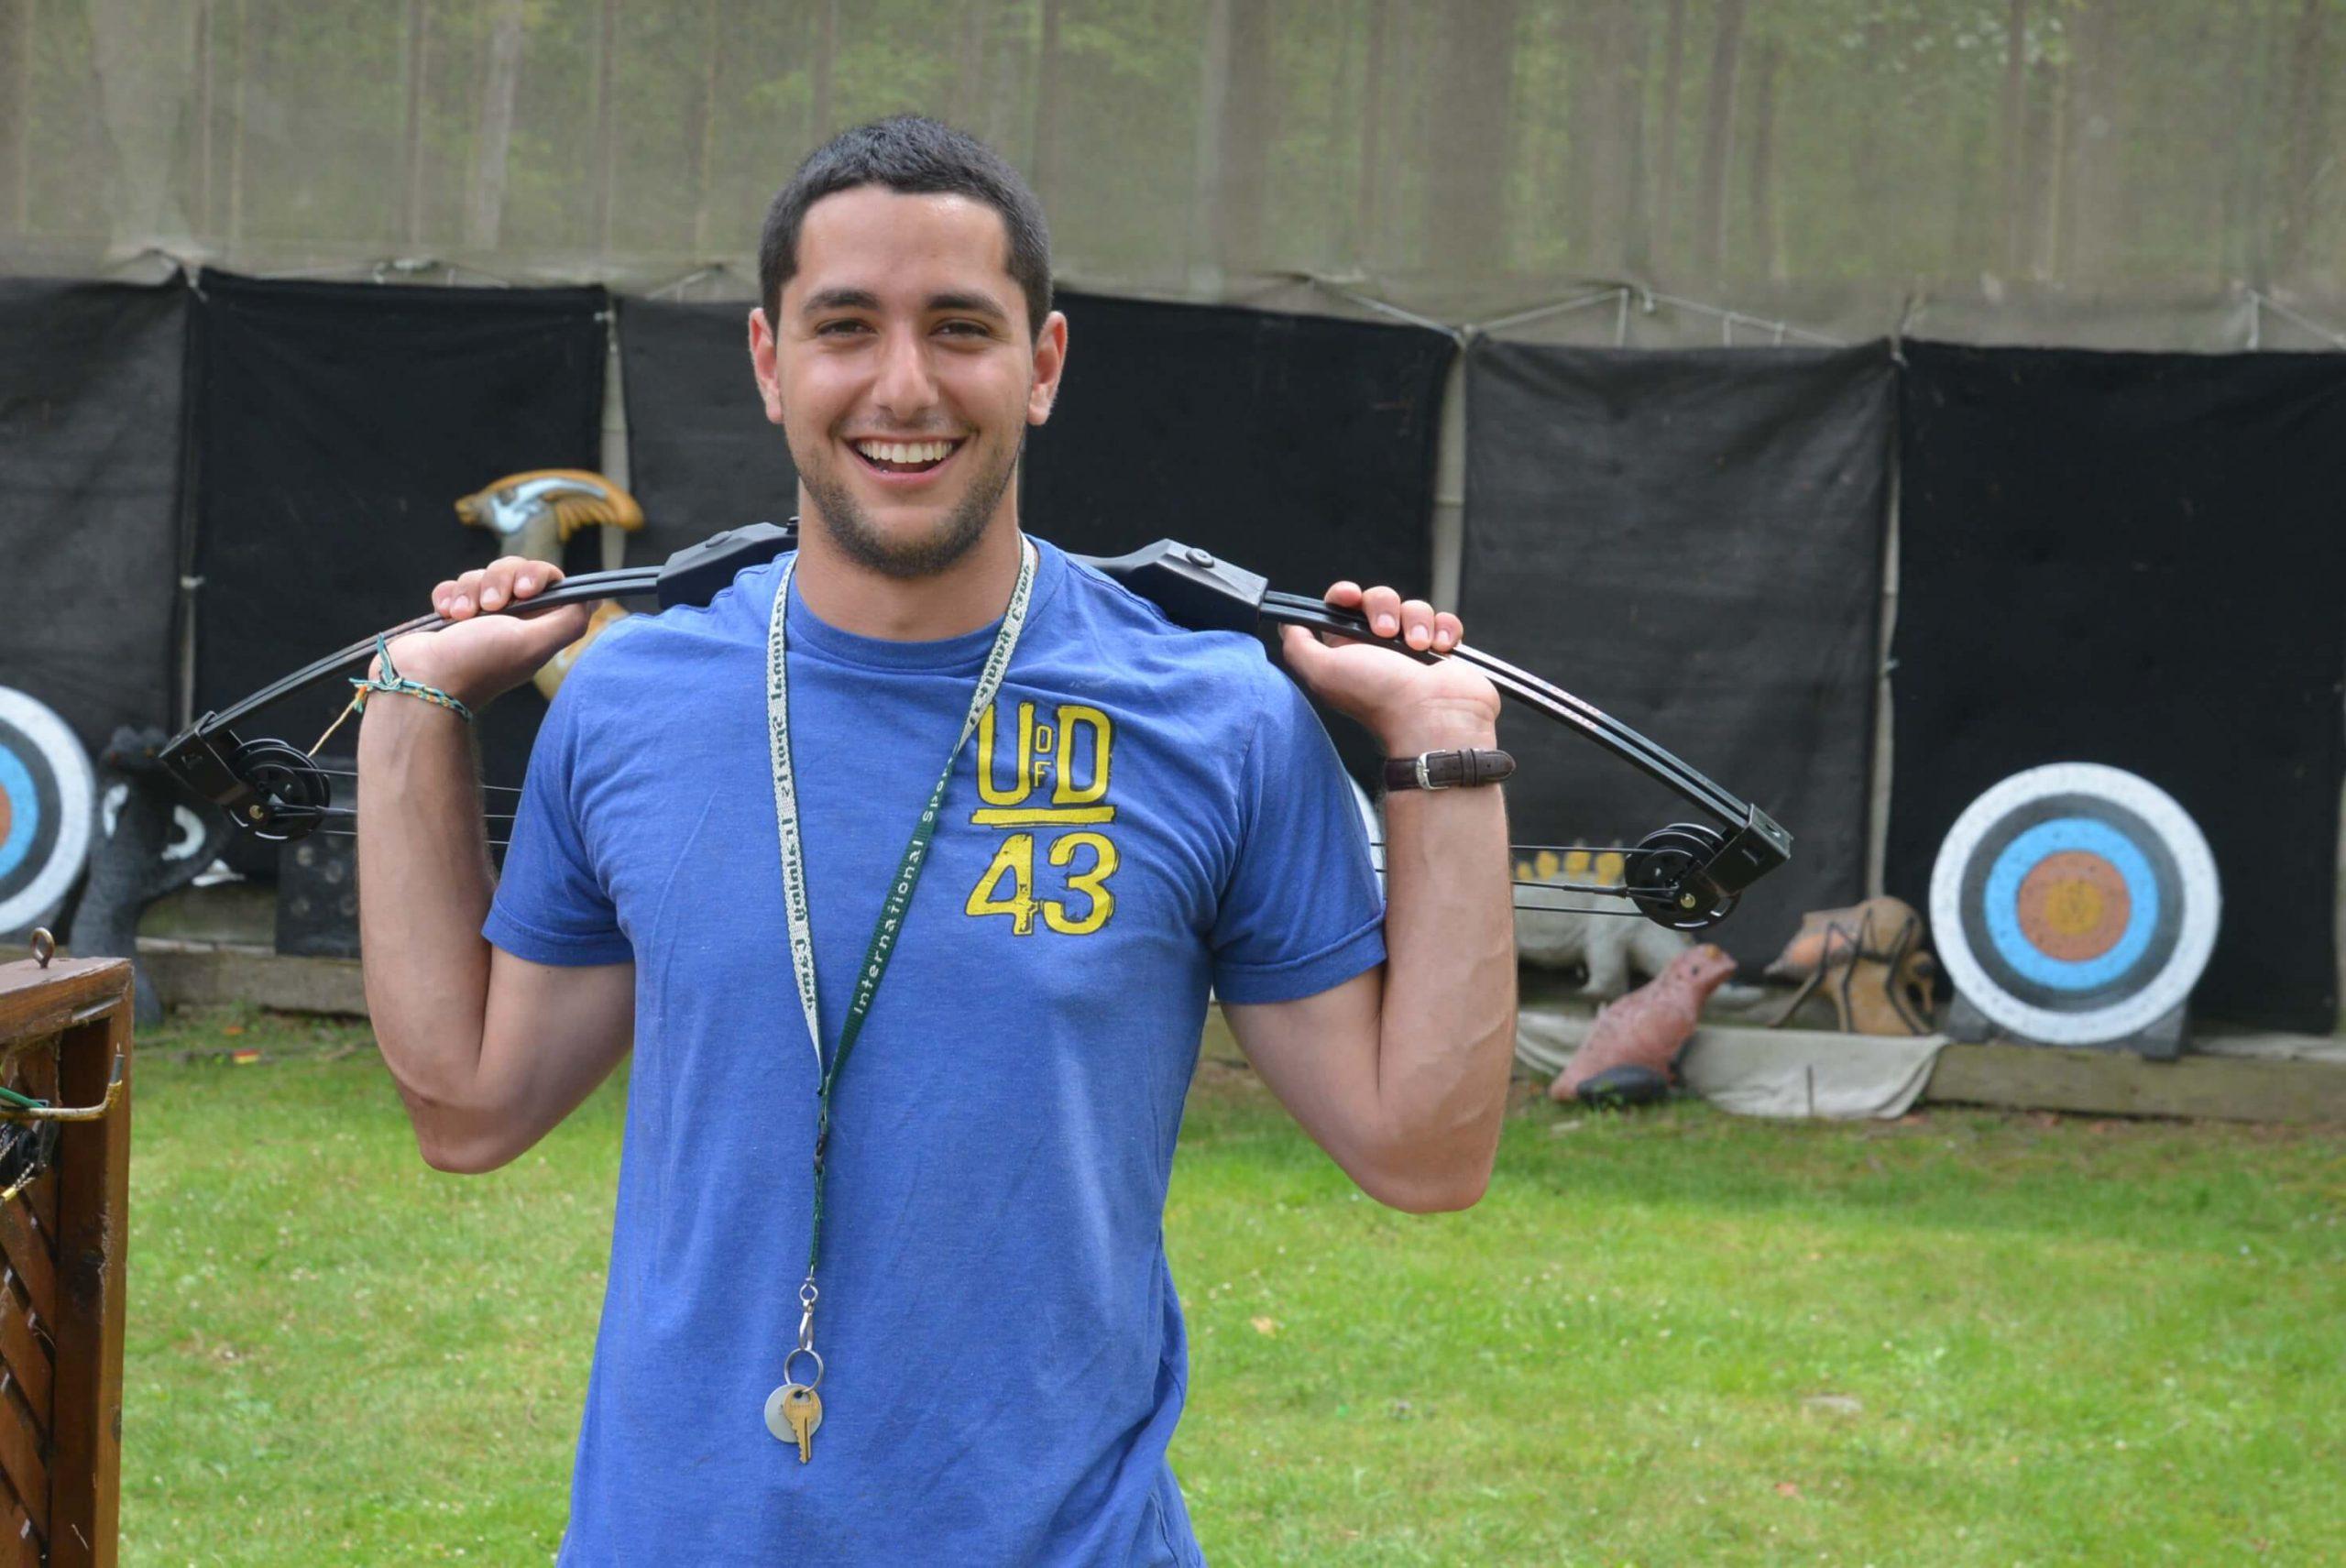 earn money as an archery instructor in america